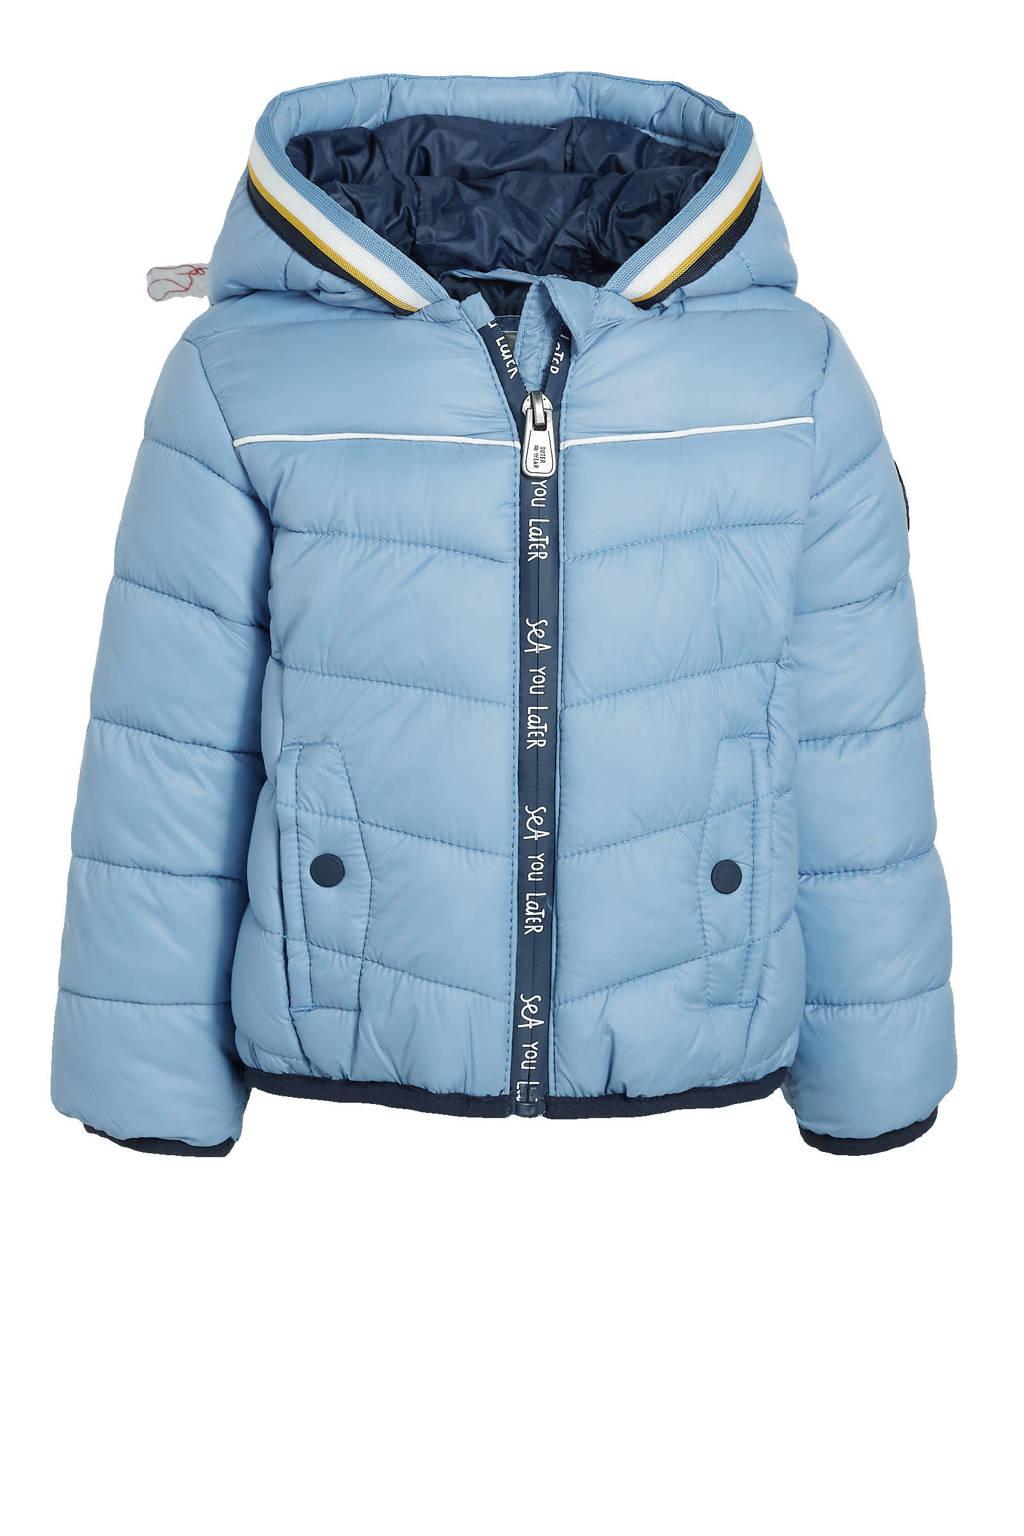 C&A Here & There gewatteerde winterjas lichtblauw/donkerblauw/wit, Lichtblauw/donkerblauw/wit